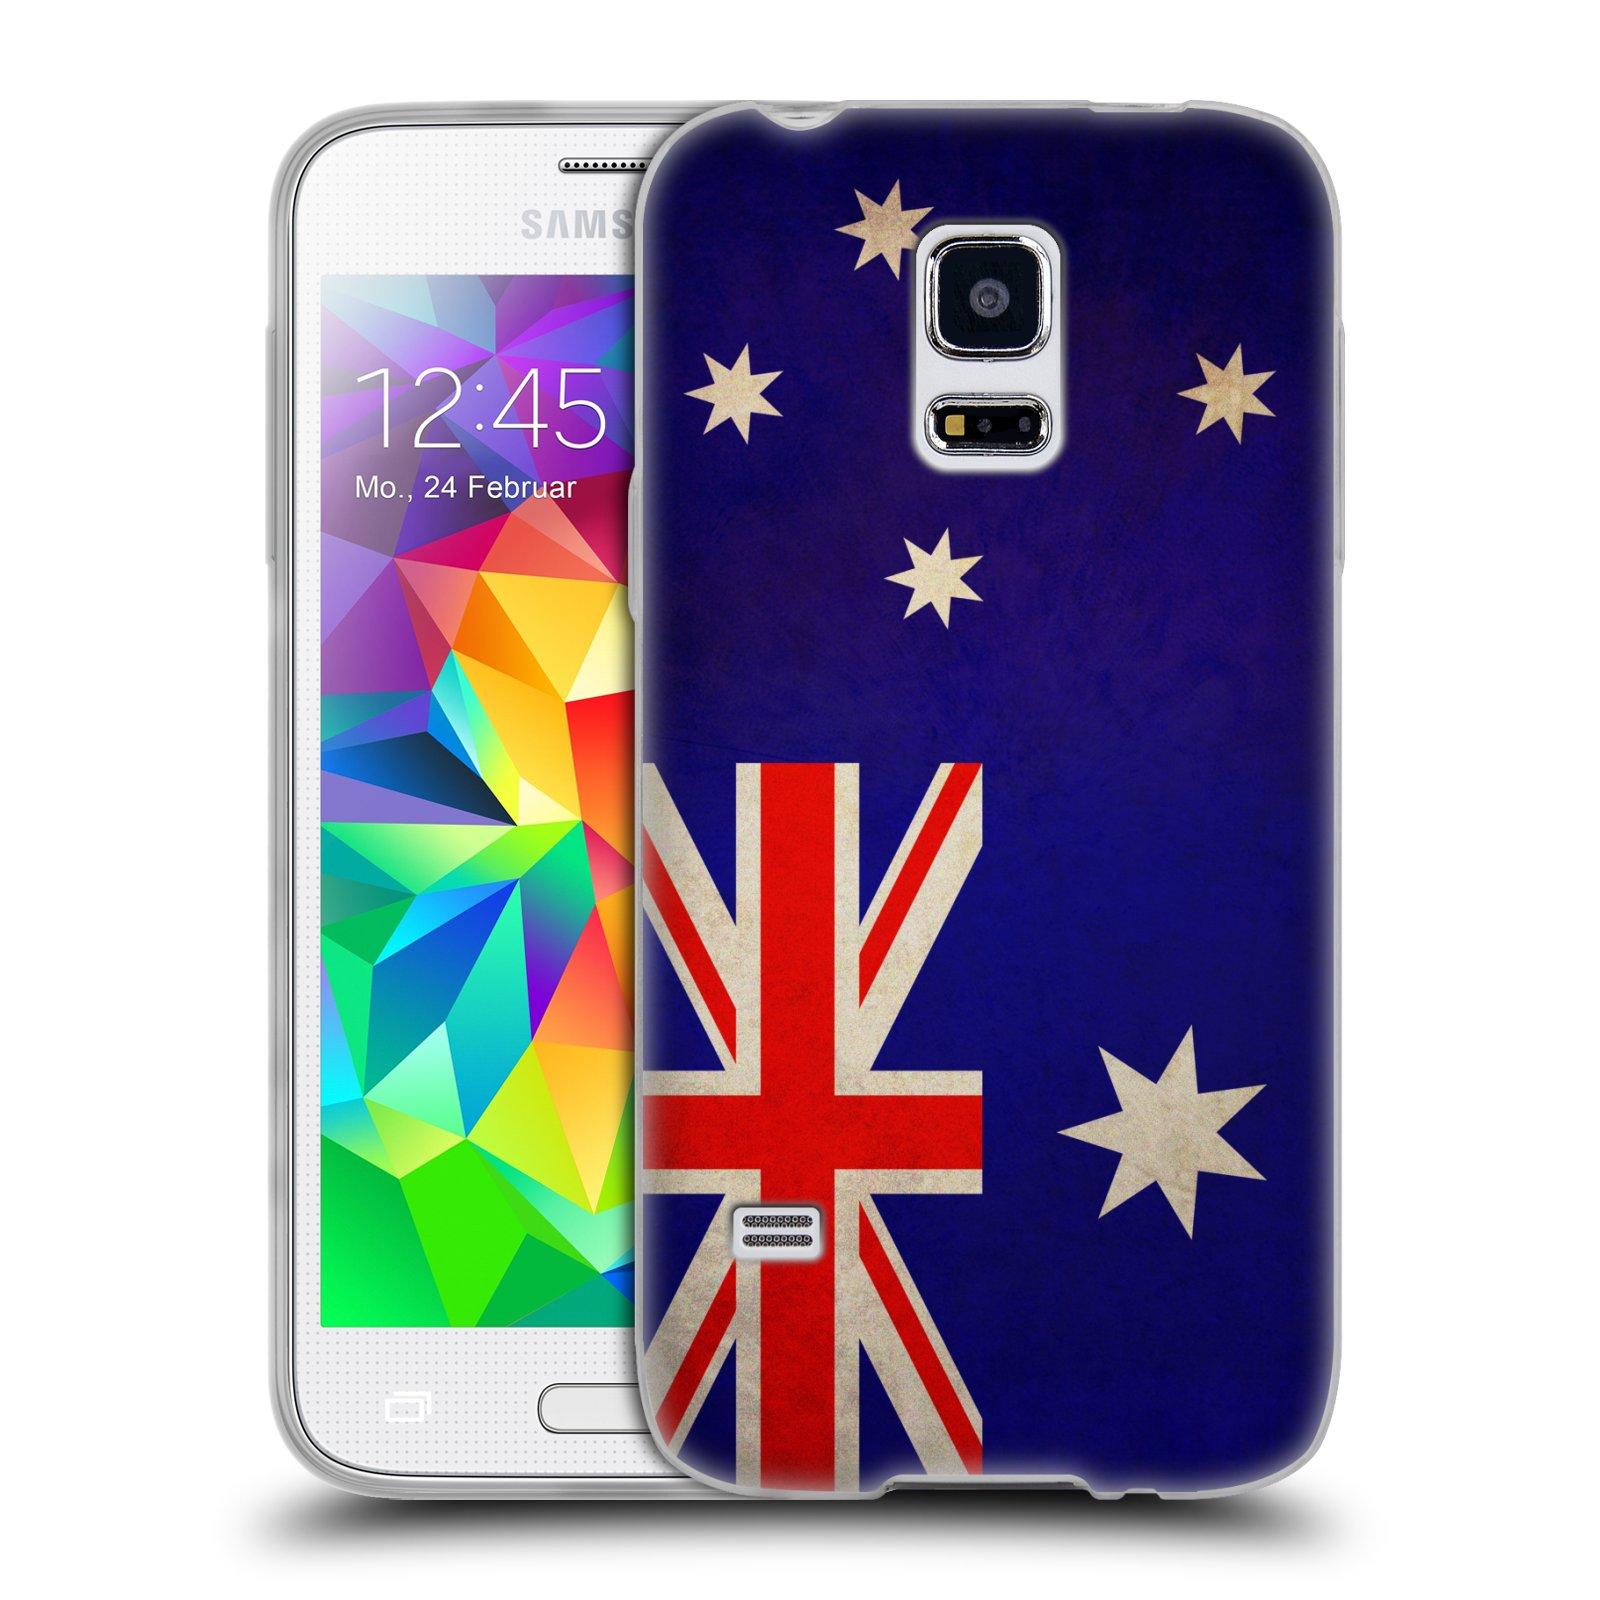 Silikonové pouzdro na mobil Samsung Galaxy S5 Mini HEAD CASE VLAJKA AUSTRÁLIE (Silikonový kryt či obal na mobilní telefon Samsung Galaxy S5 Mini SM-G800F)